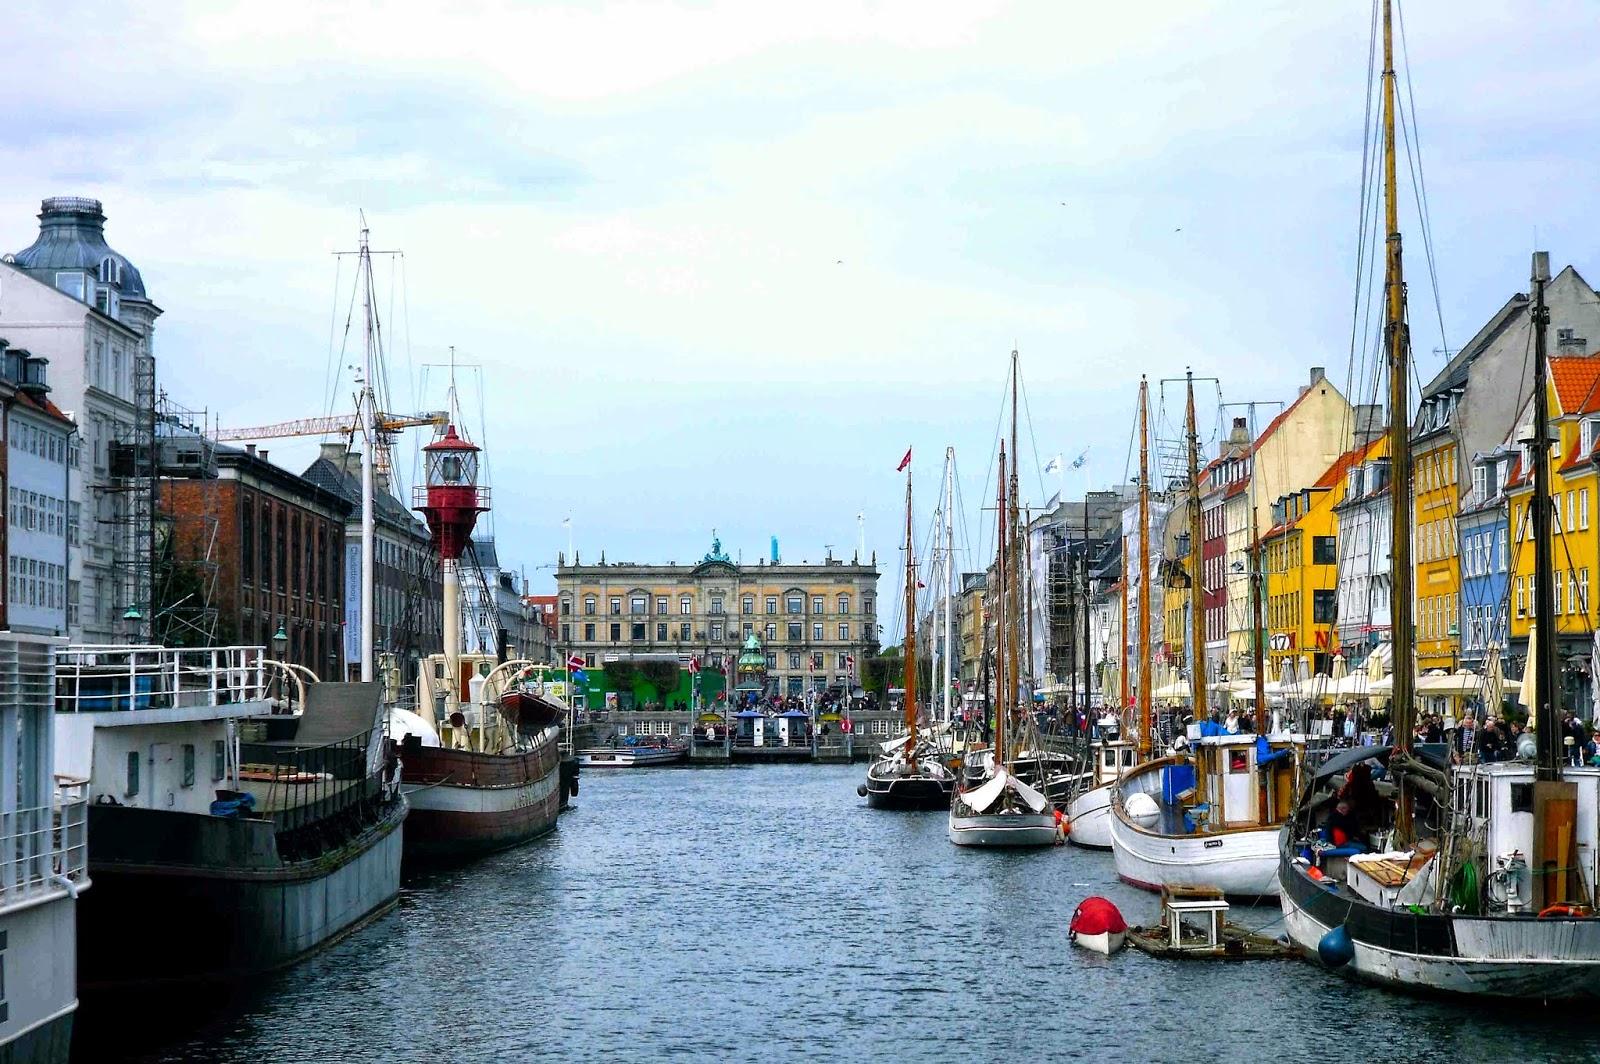 Copenhague une ville en harmonie avec la mer copenhagen a city in harmony with the sea - Office tourisme copenhague ...